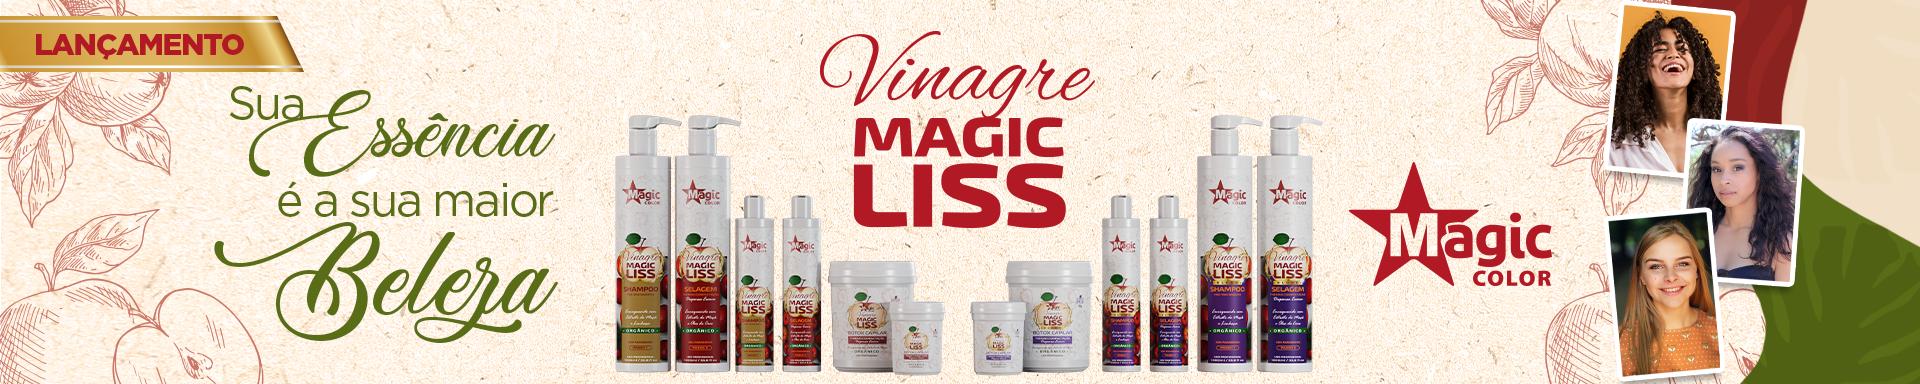 Banner- Vinagre Magic Liss